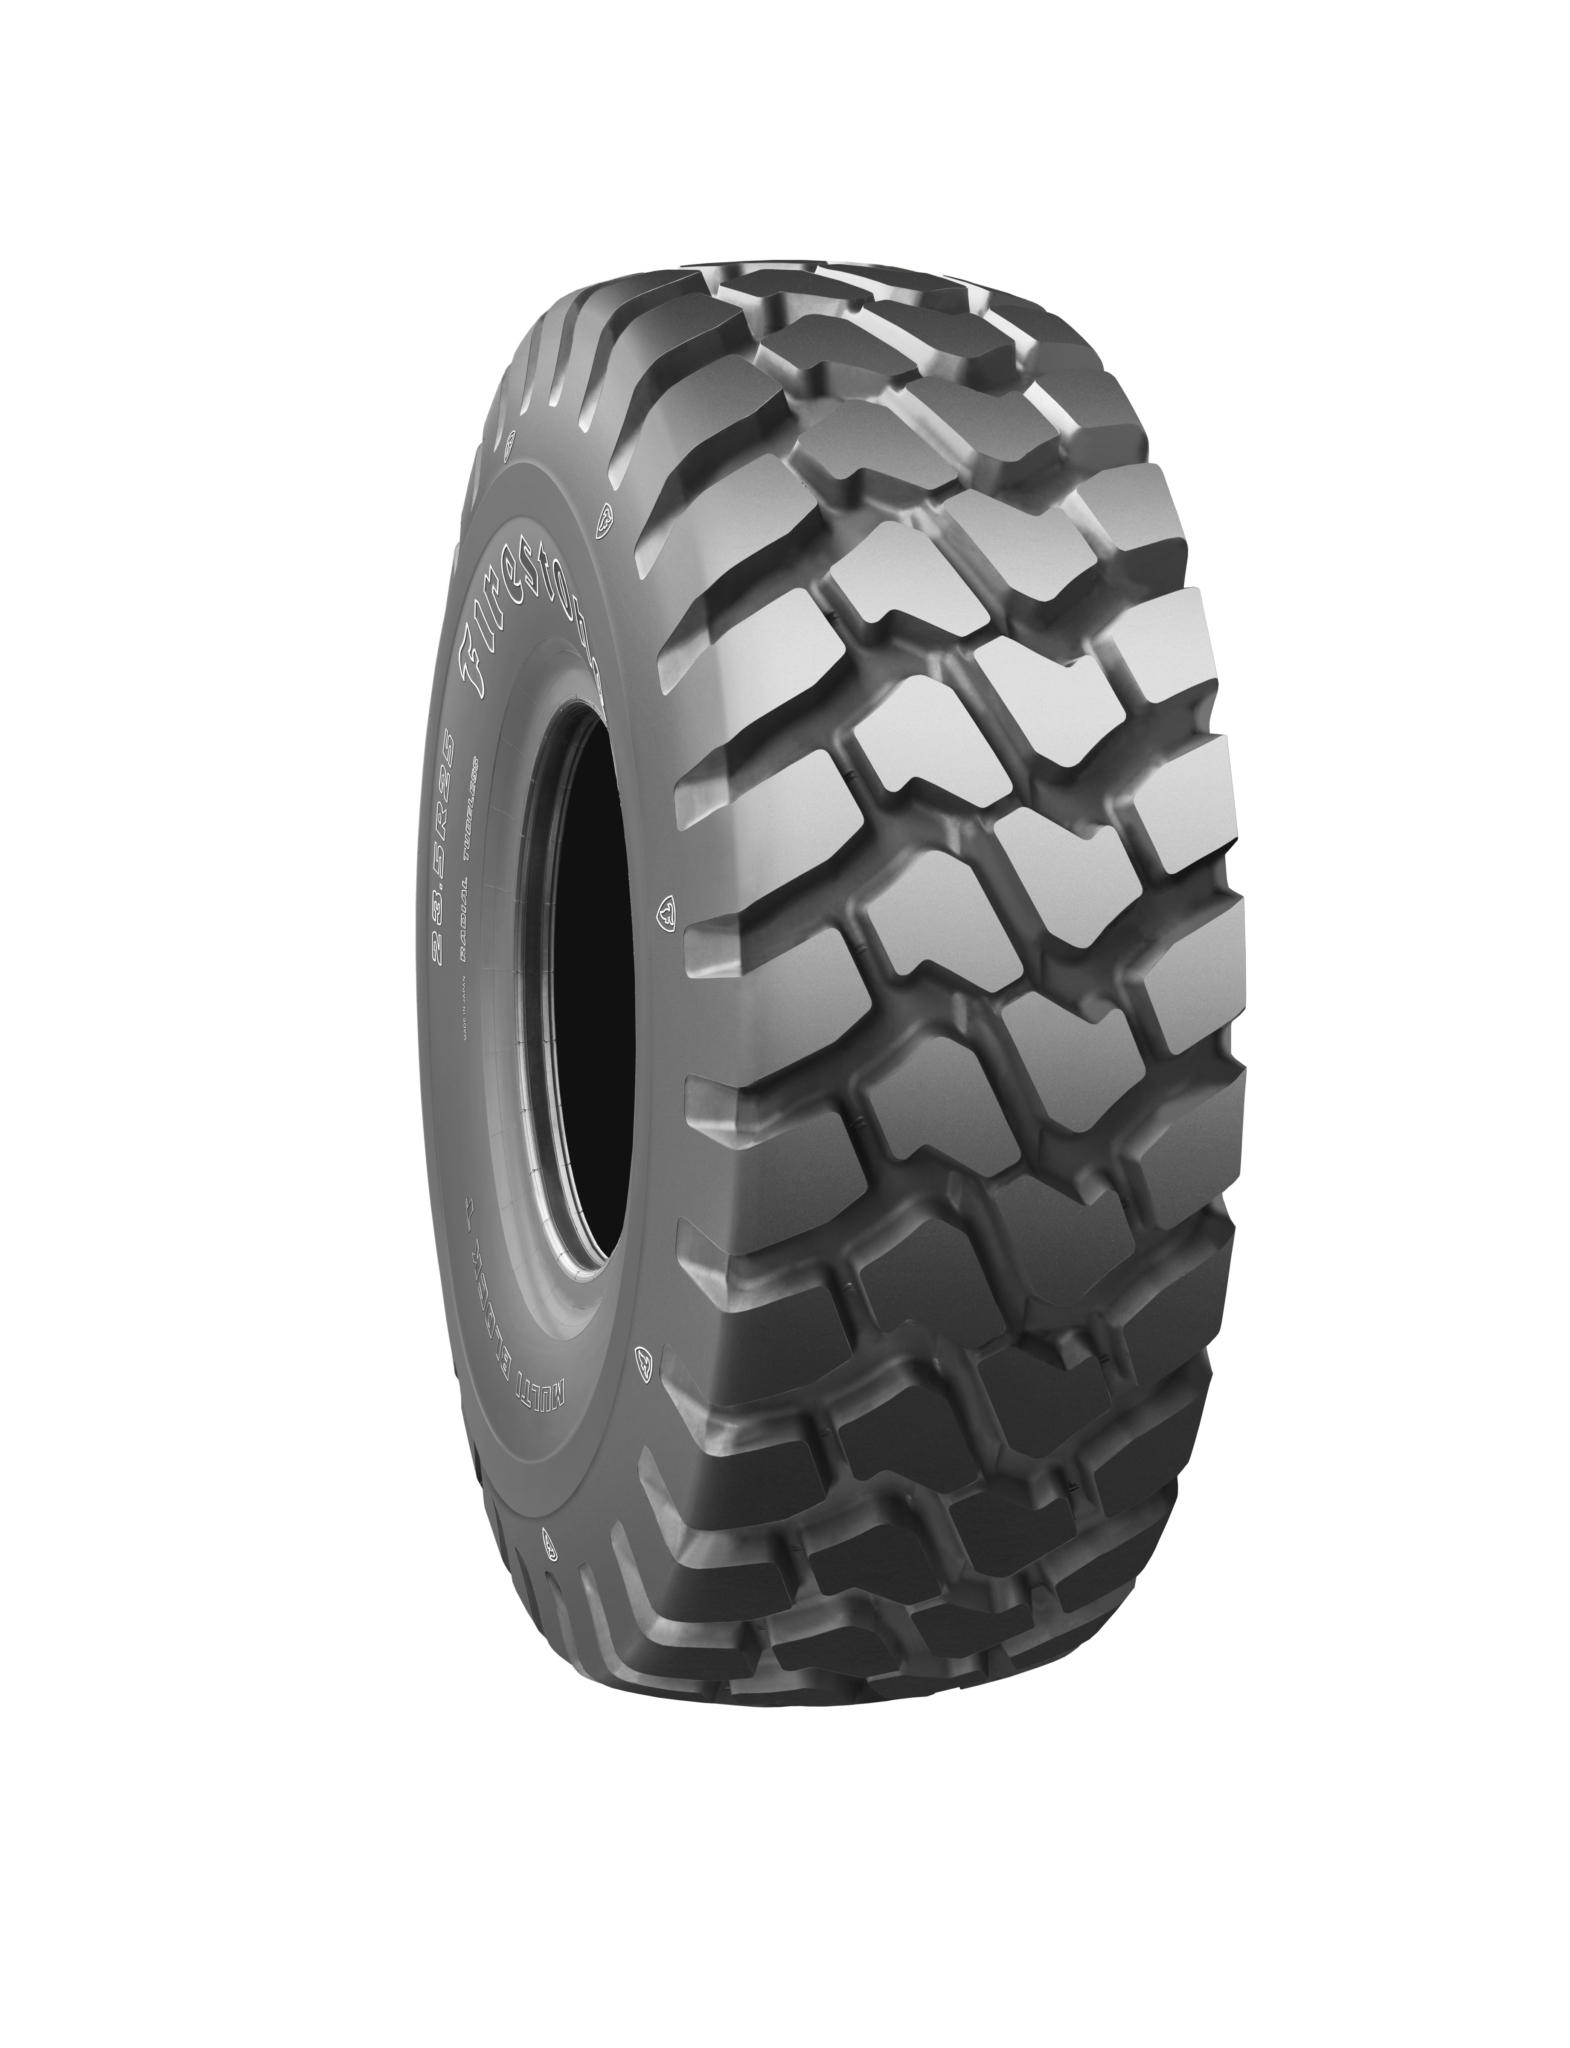 Firestone brand enters European OTR tyre market